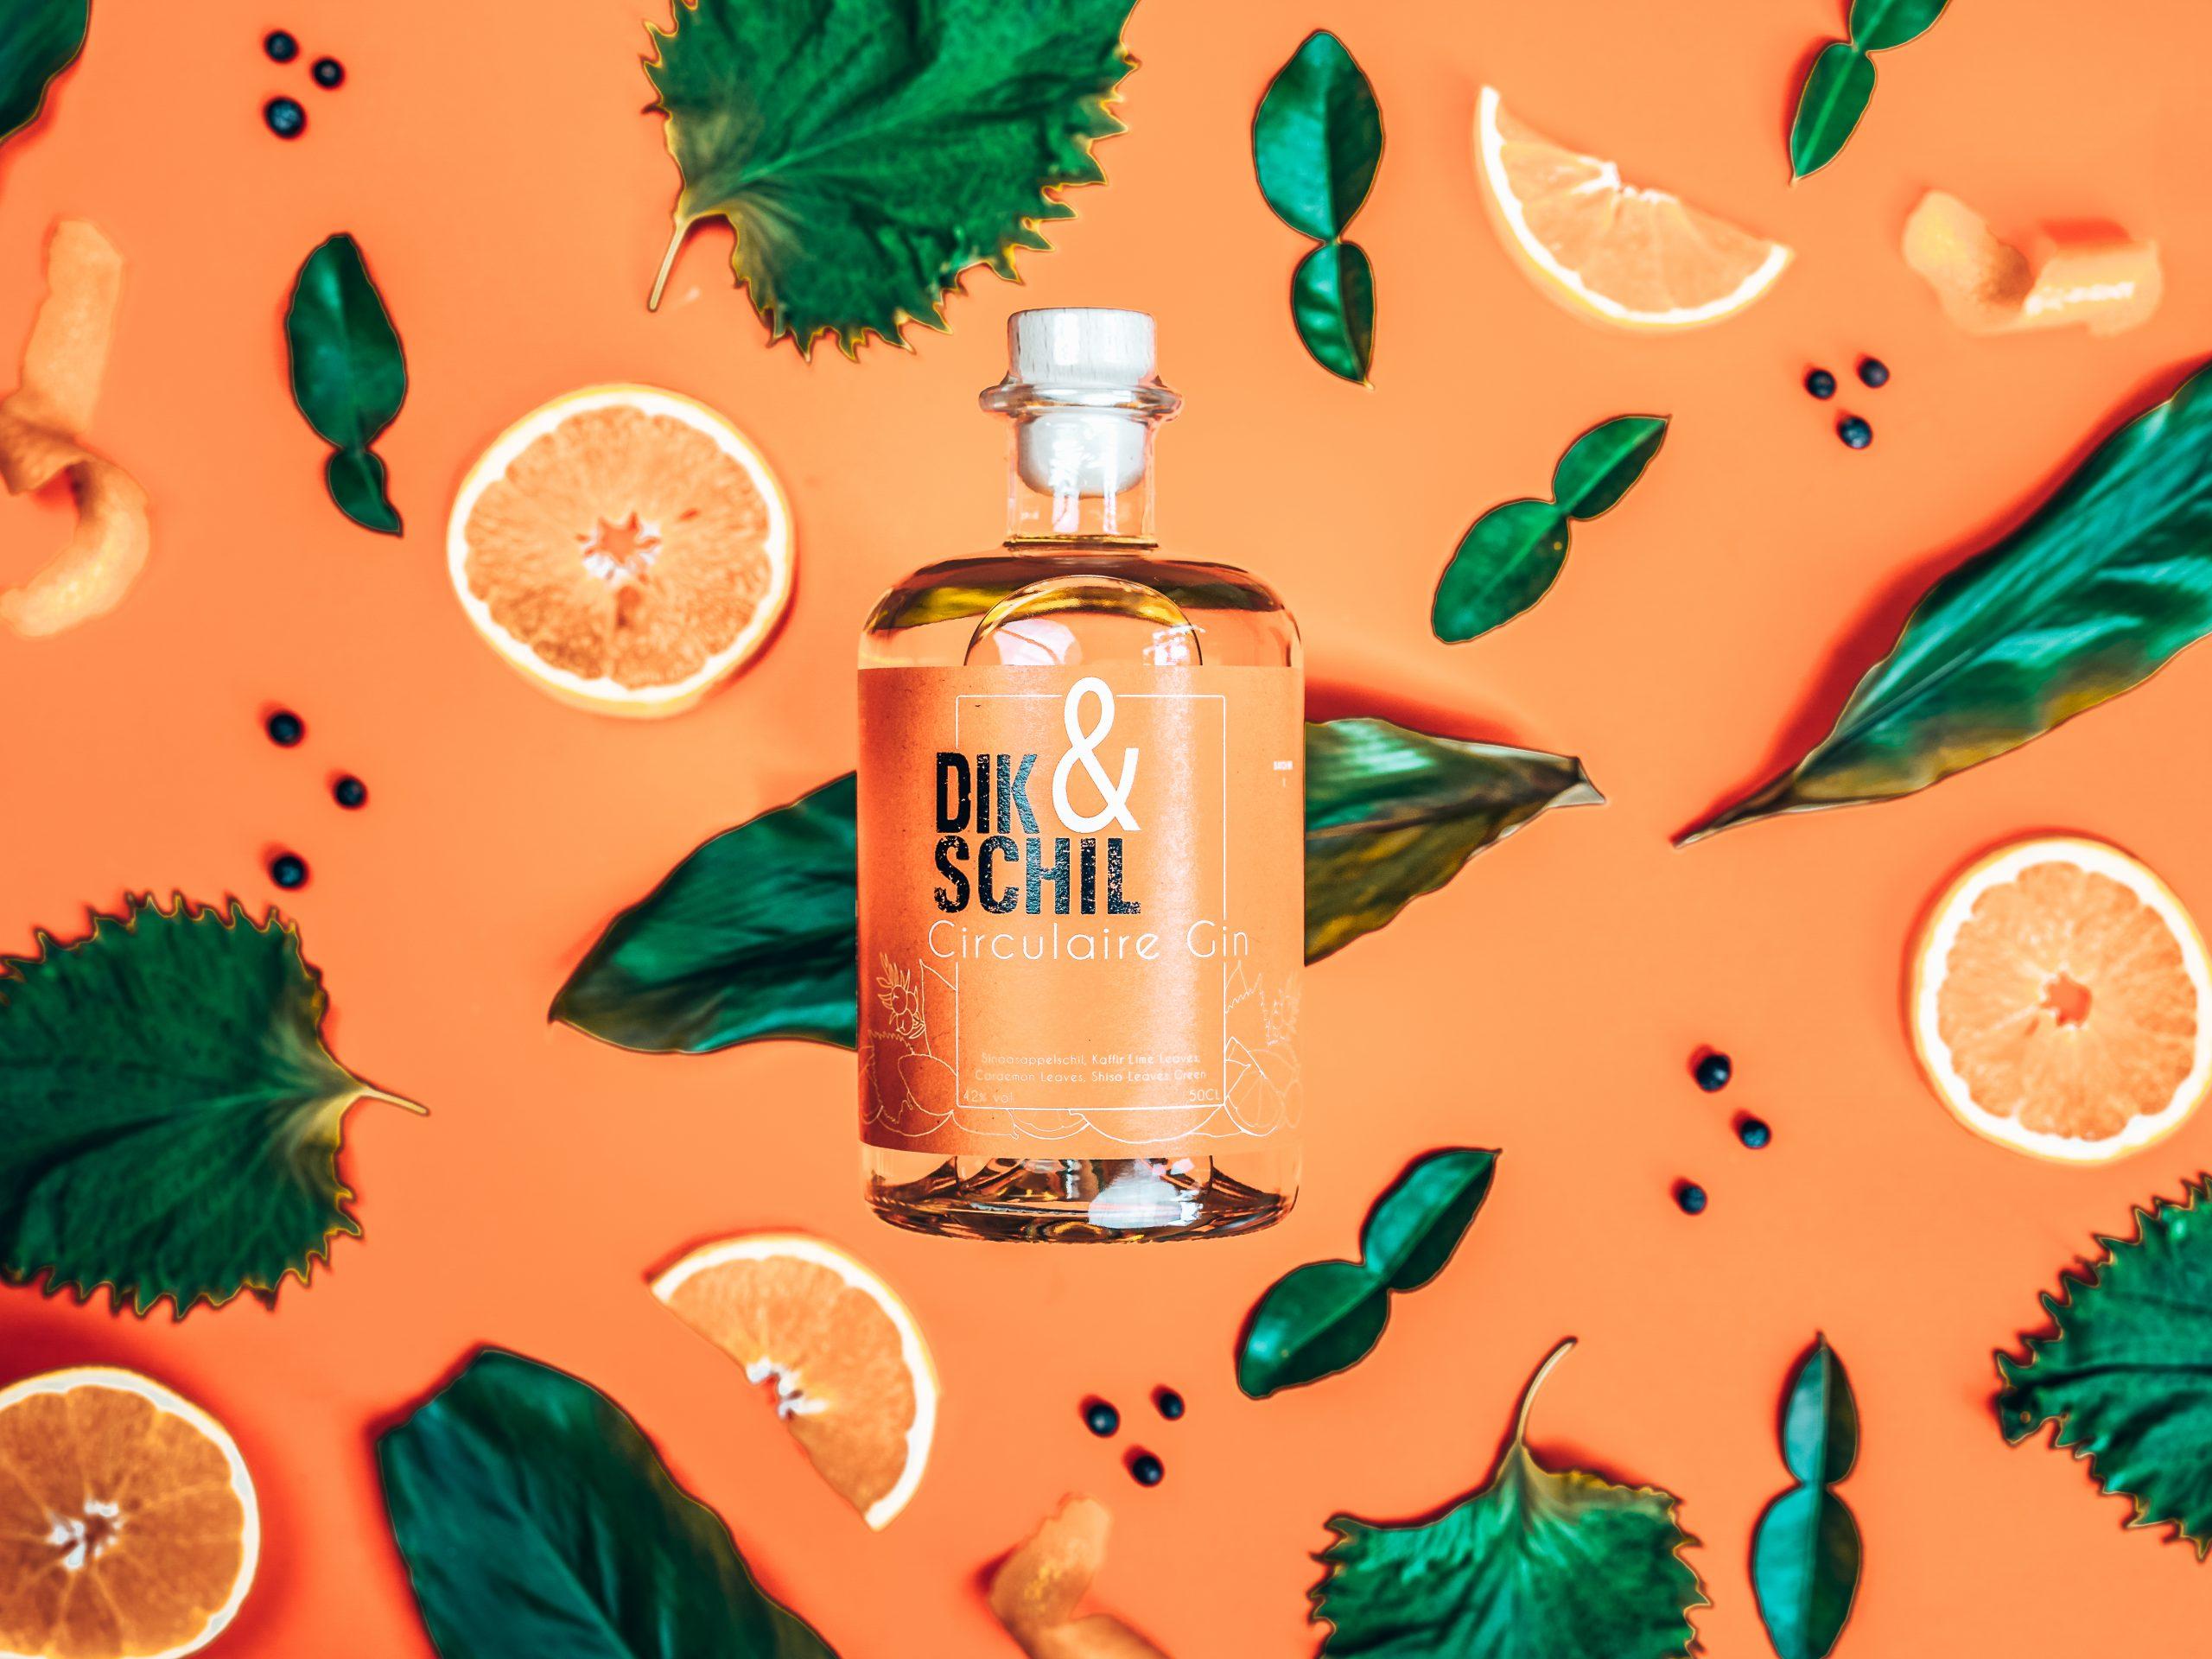 Het persoonlijke verhaal achter Dik&Schil, Circulaire Gin, Alles over gin.